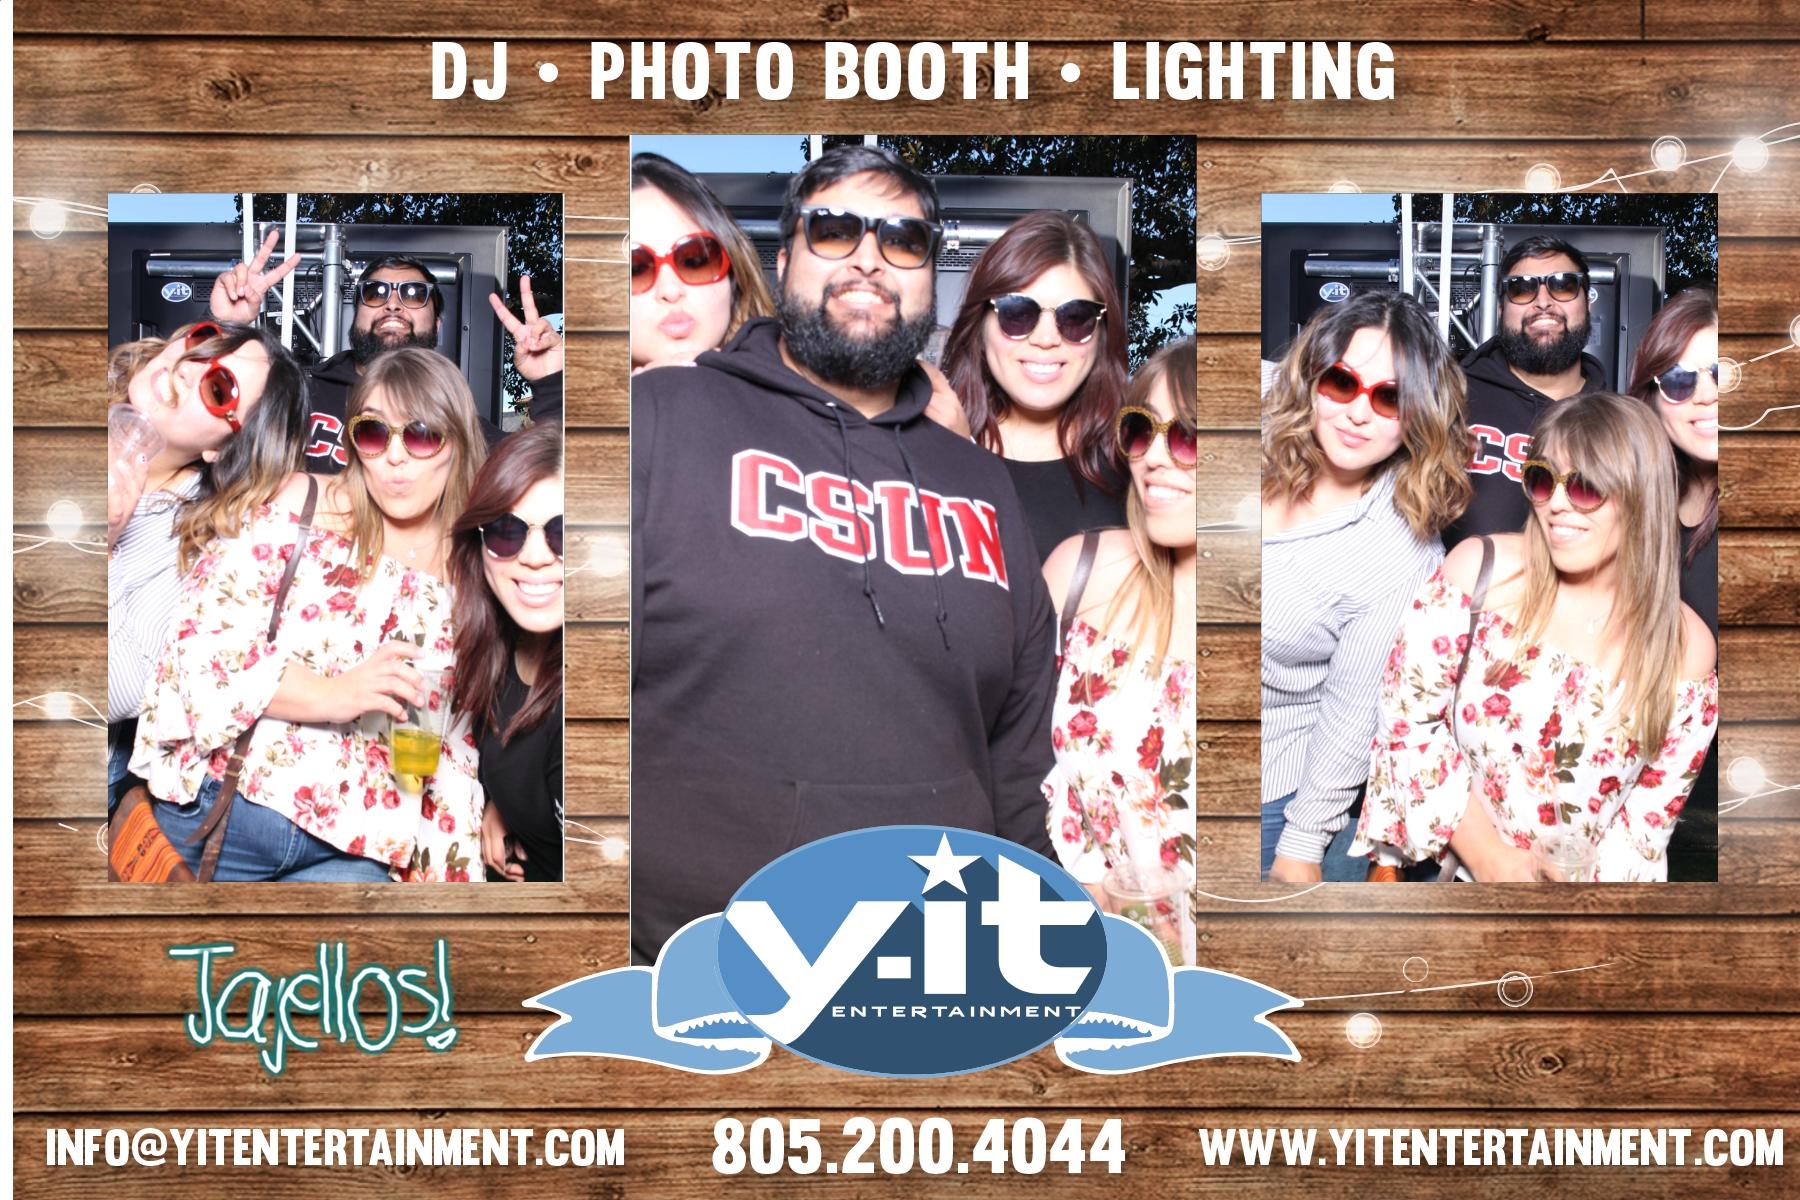 Camarillo Ranch Wedding Showcase 2018 Y-it Entertainment Mirror booth #2